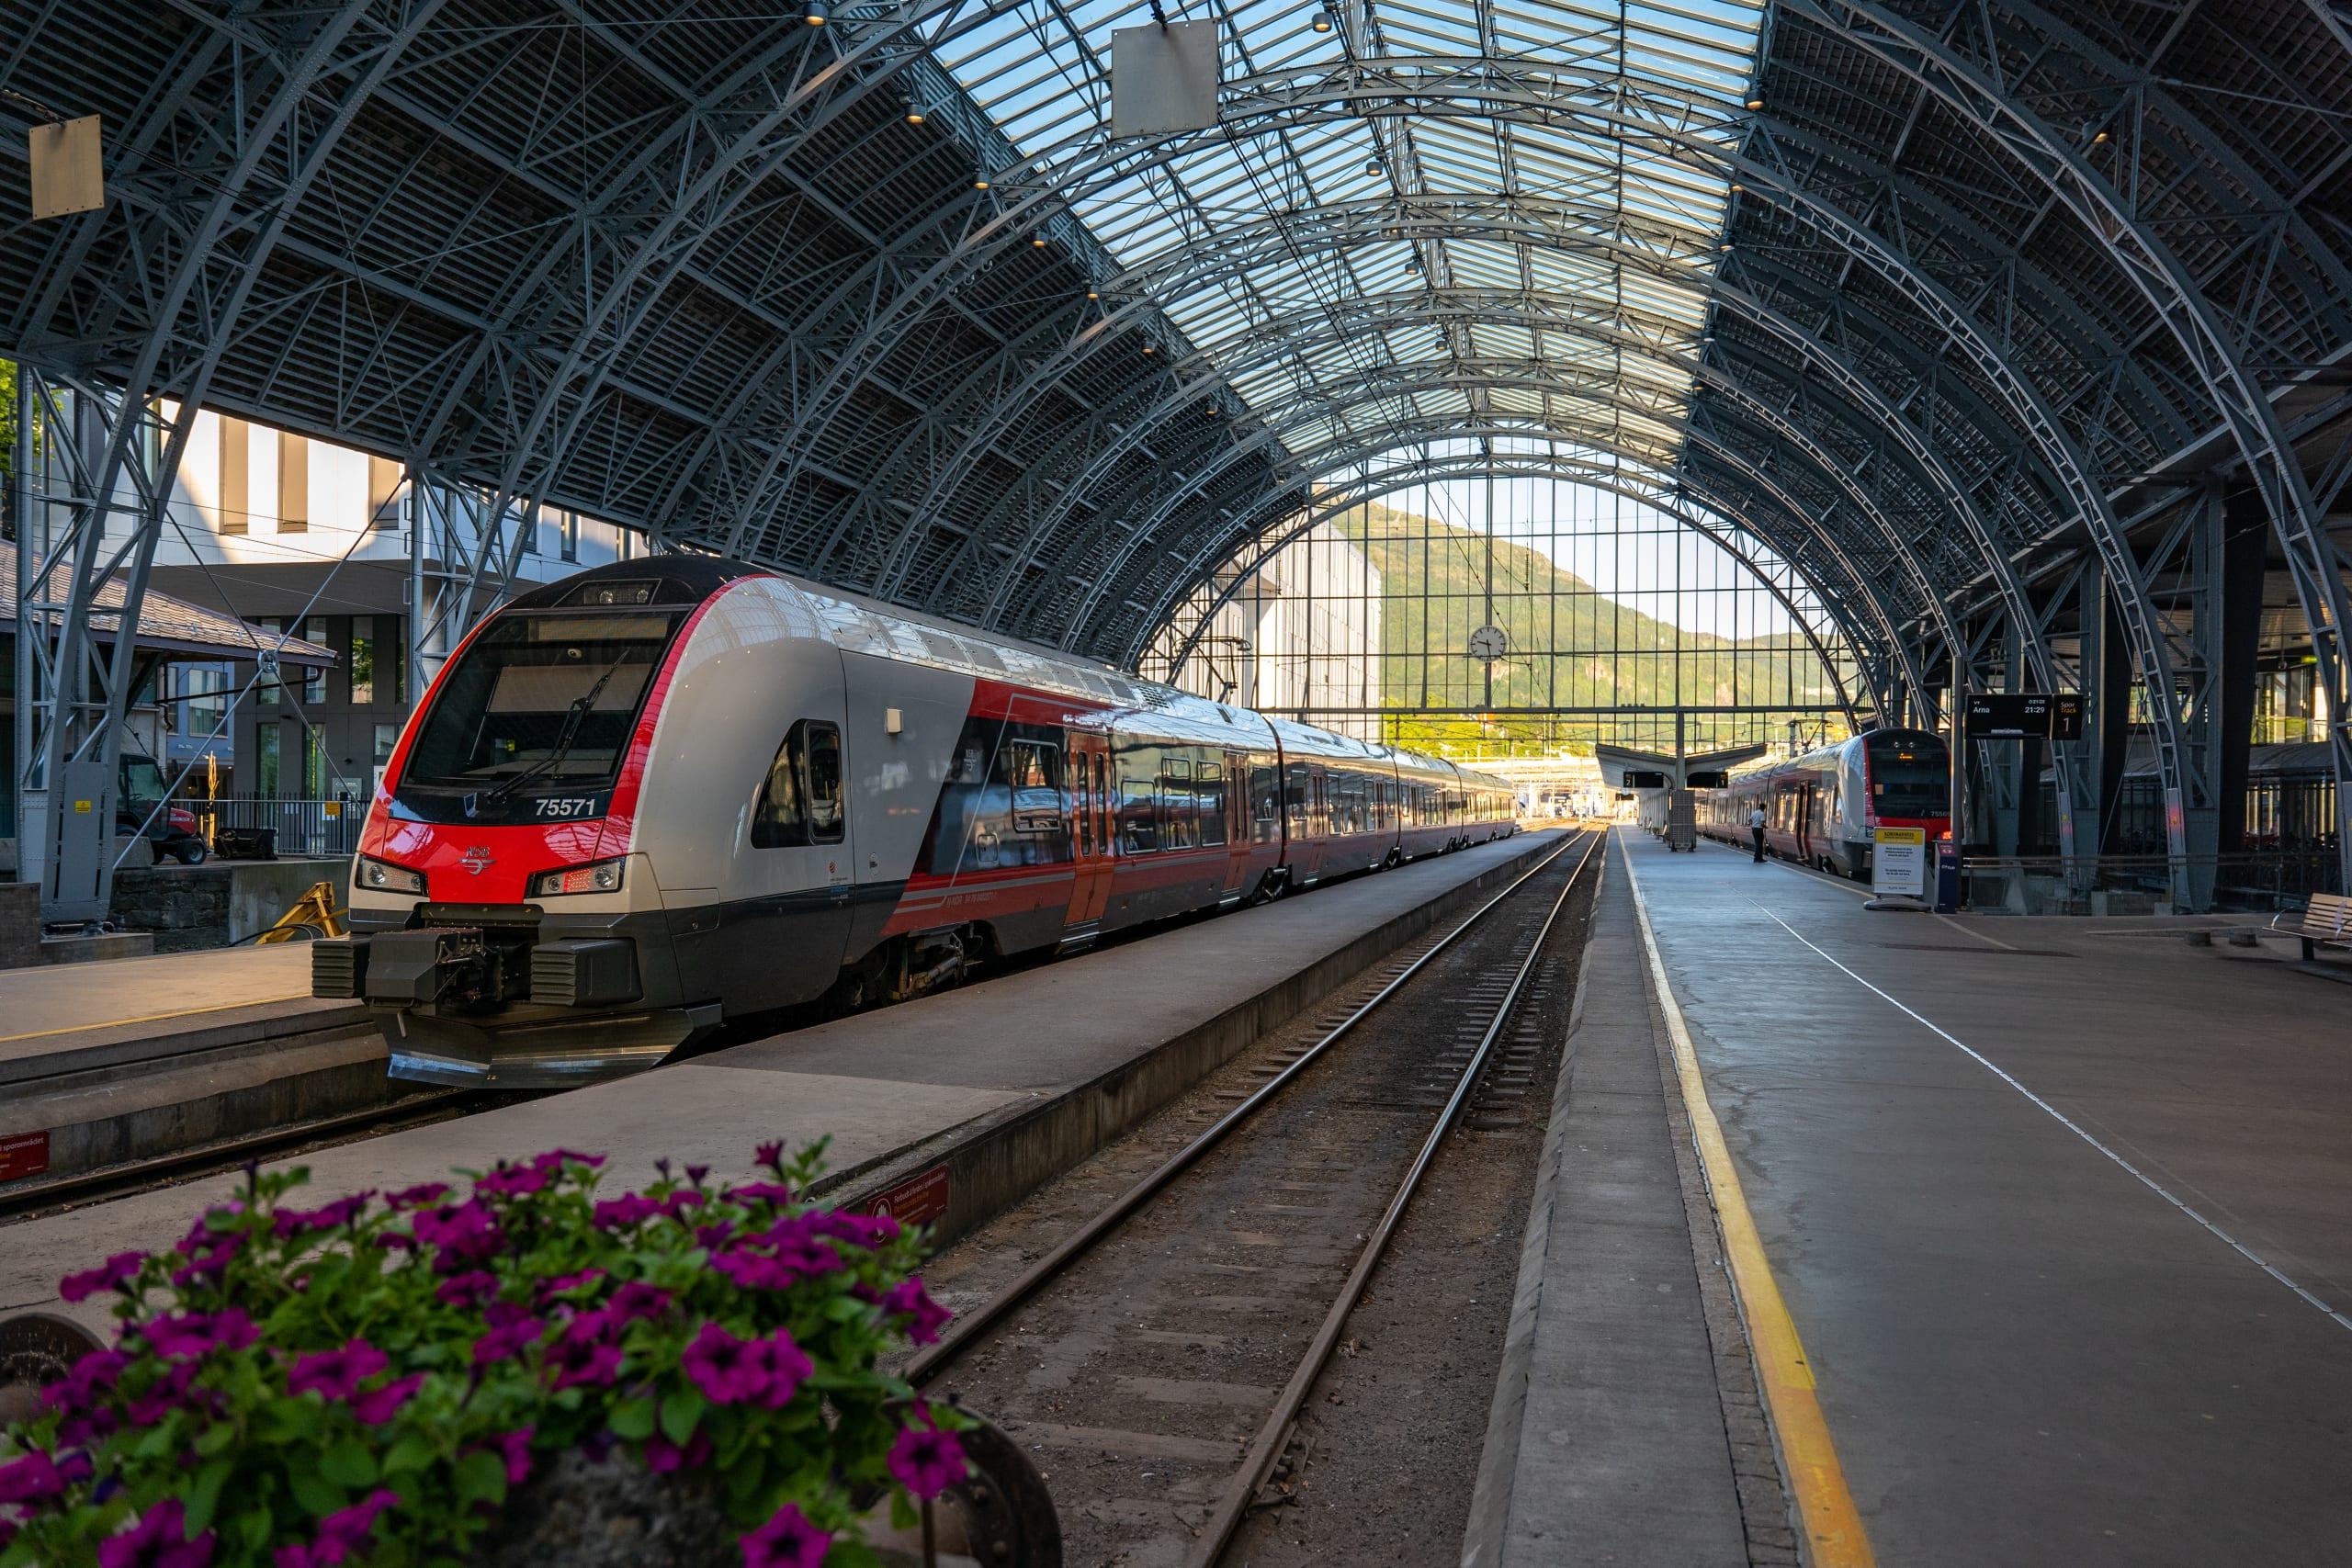 Bergen railway station